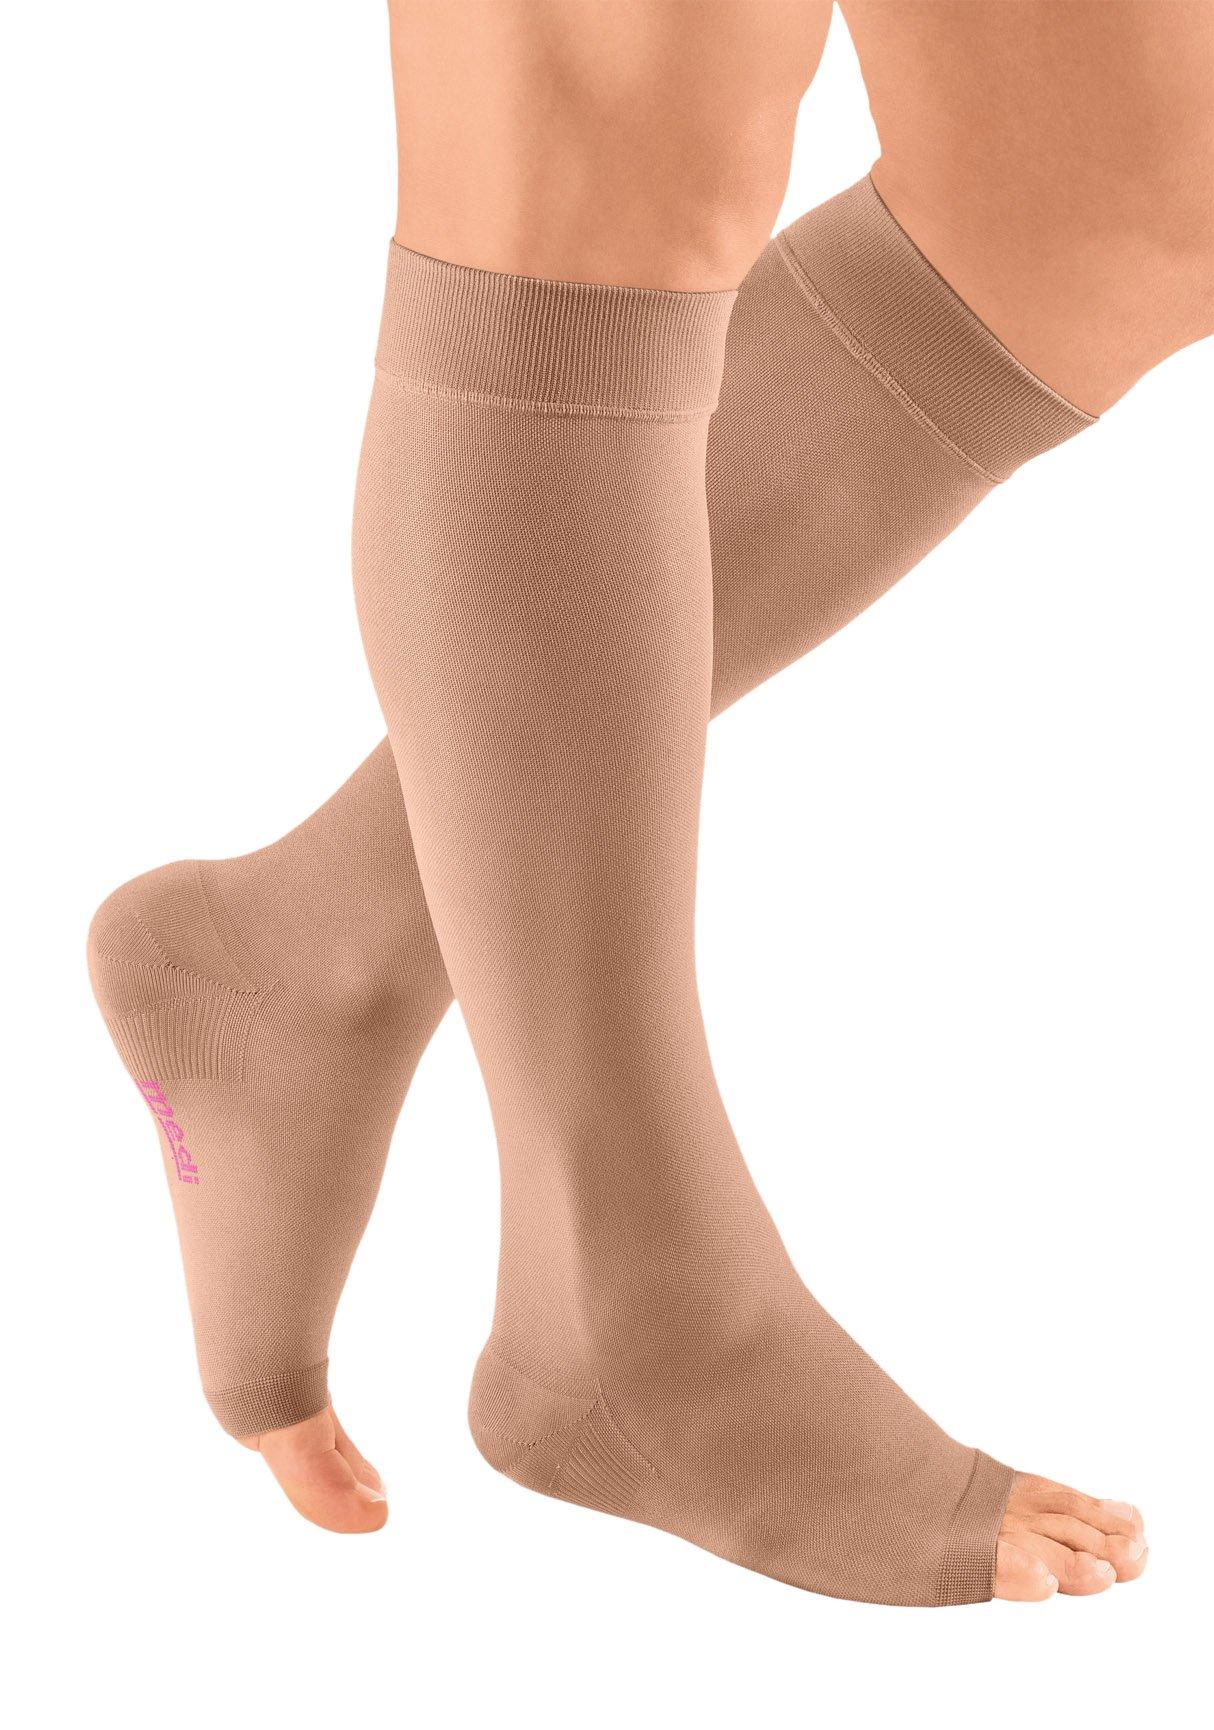 mediven Plus, 40-50 mmHg, Calf High Compression Stocking, Open Toe